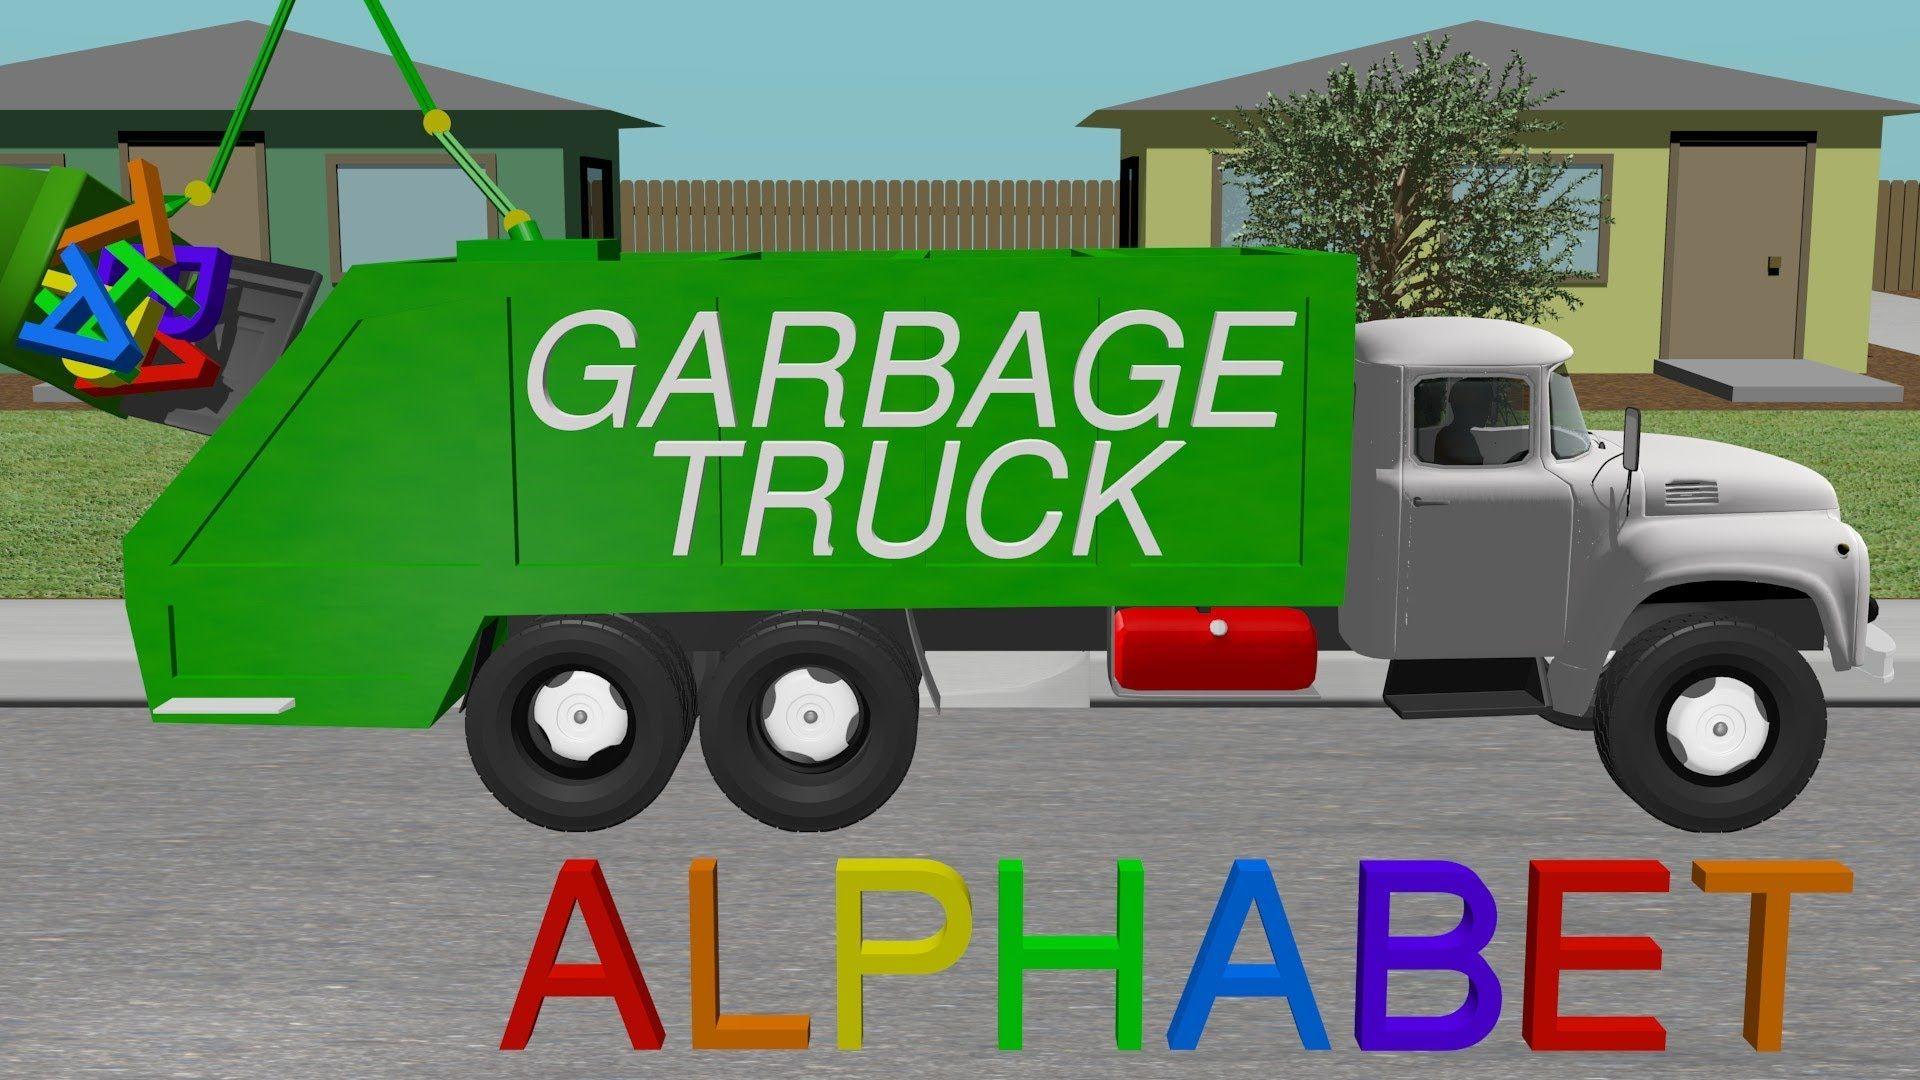 Alphabet Garbage Truck